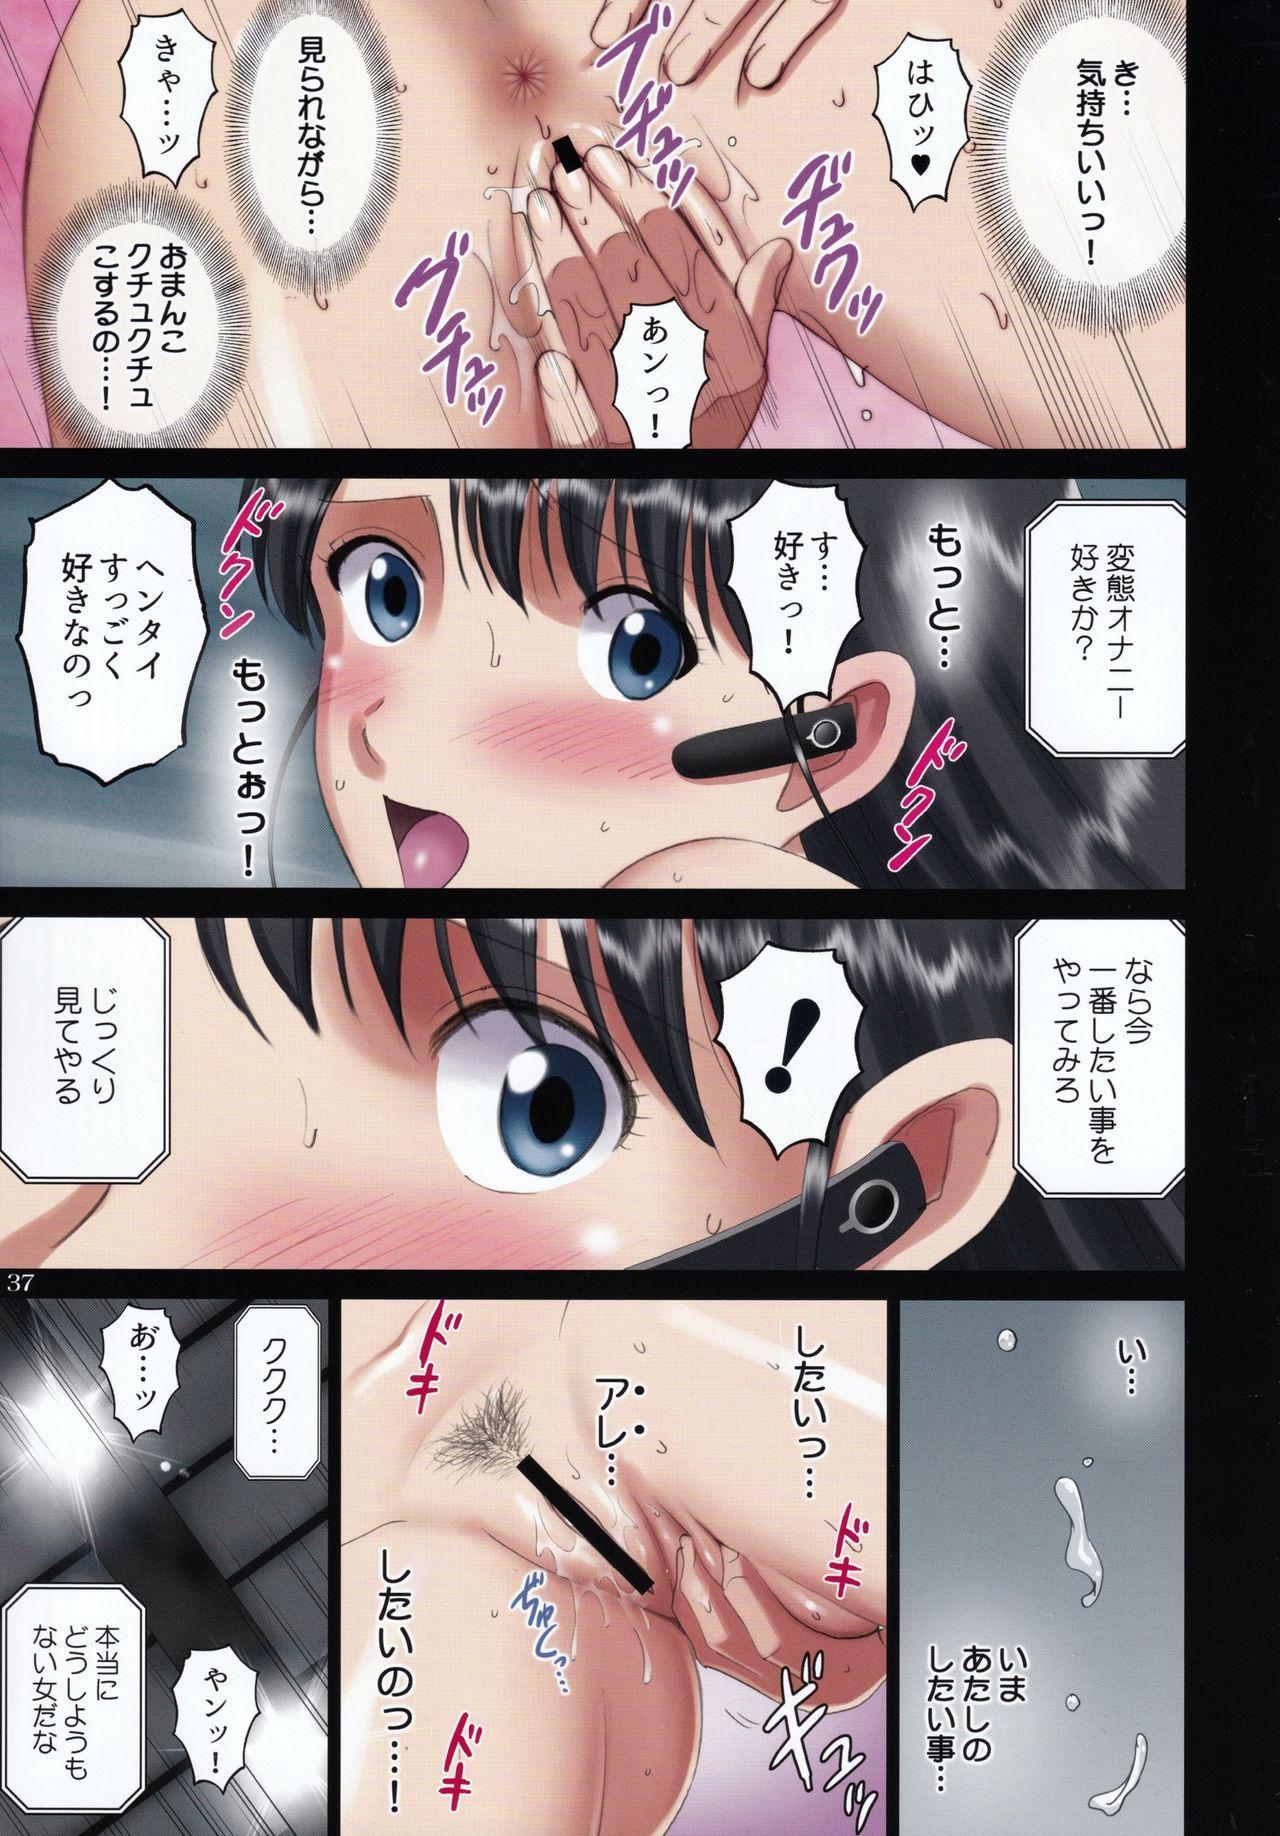 """(C96) [ACTIVA (SMAC)] Roshutsu Otome Kyou Comic """"Hadaka Skate wa Itsumo Dareka ni Mirarenagara… ~Ikoma Ayuka~"""" 35"""